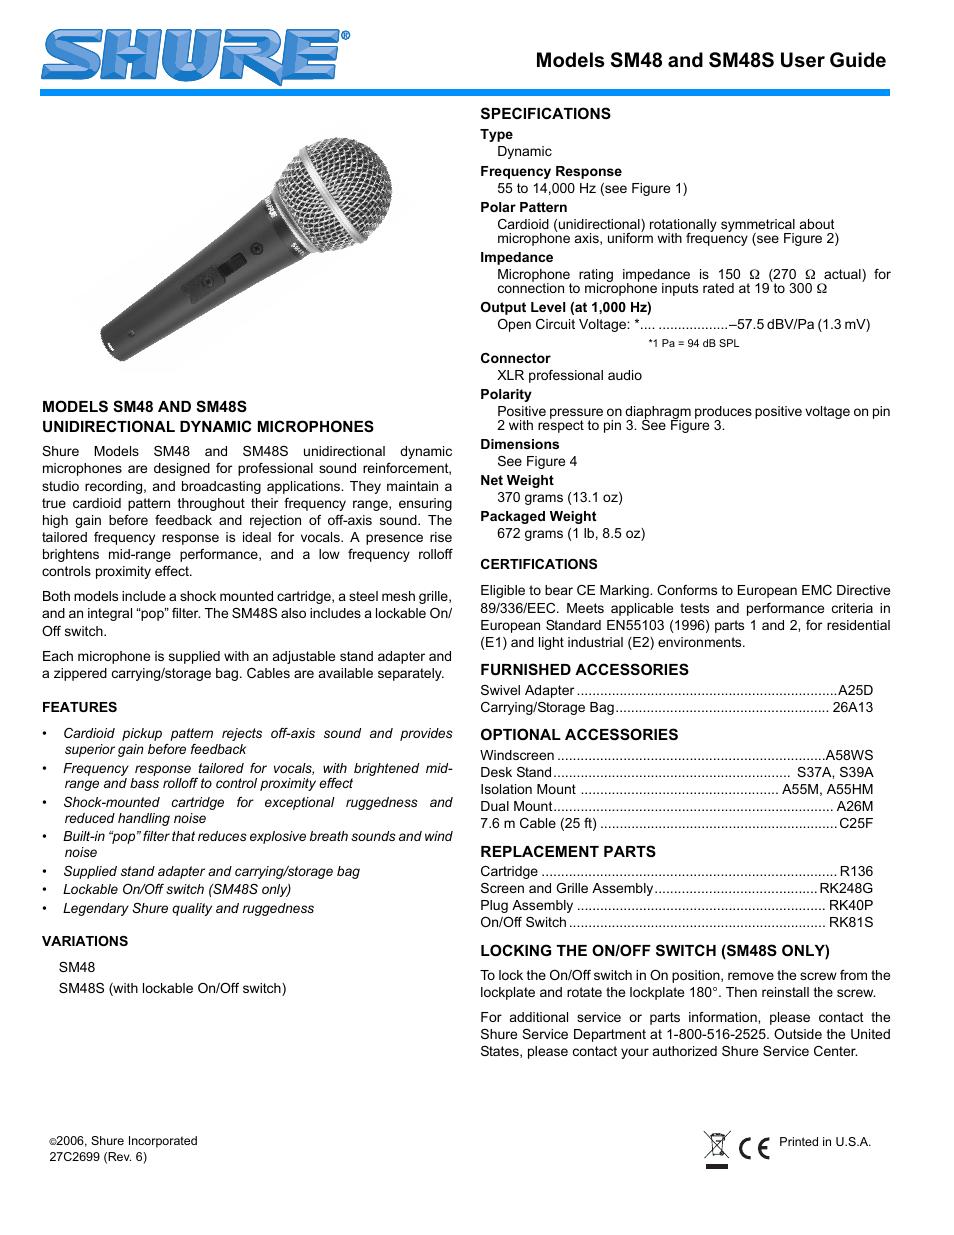 medium resolution of shure sm48 user manual